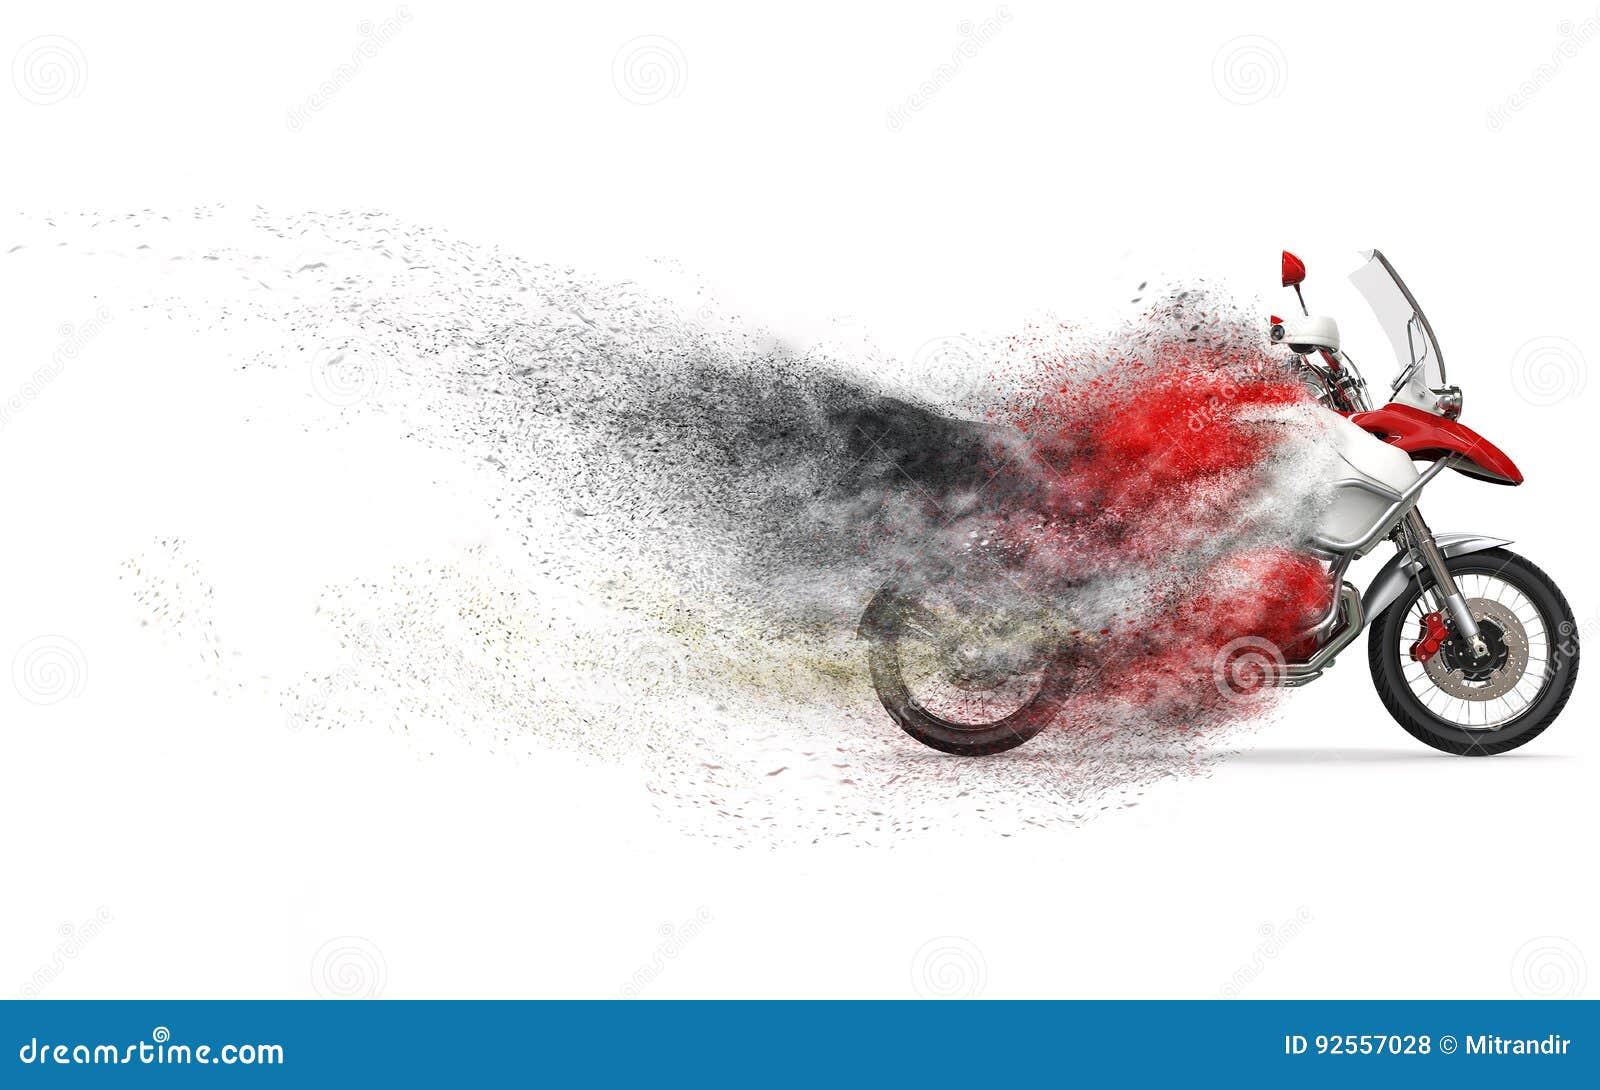 Motociclo rosso e bianco fresco - spolveri FX